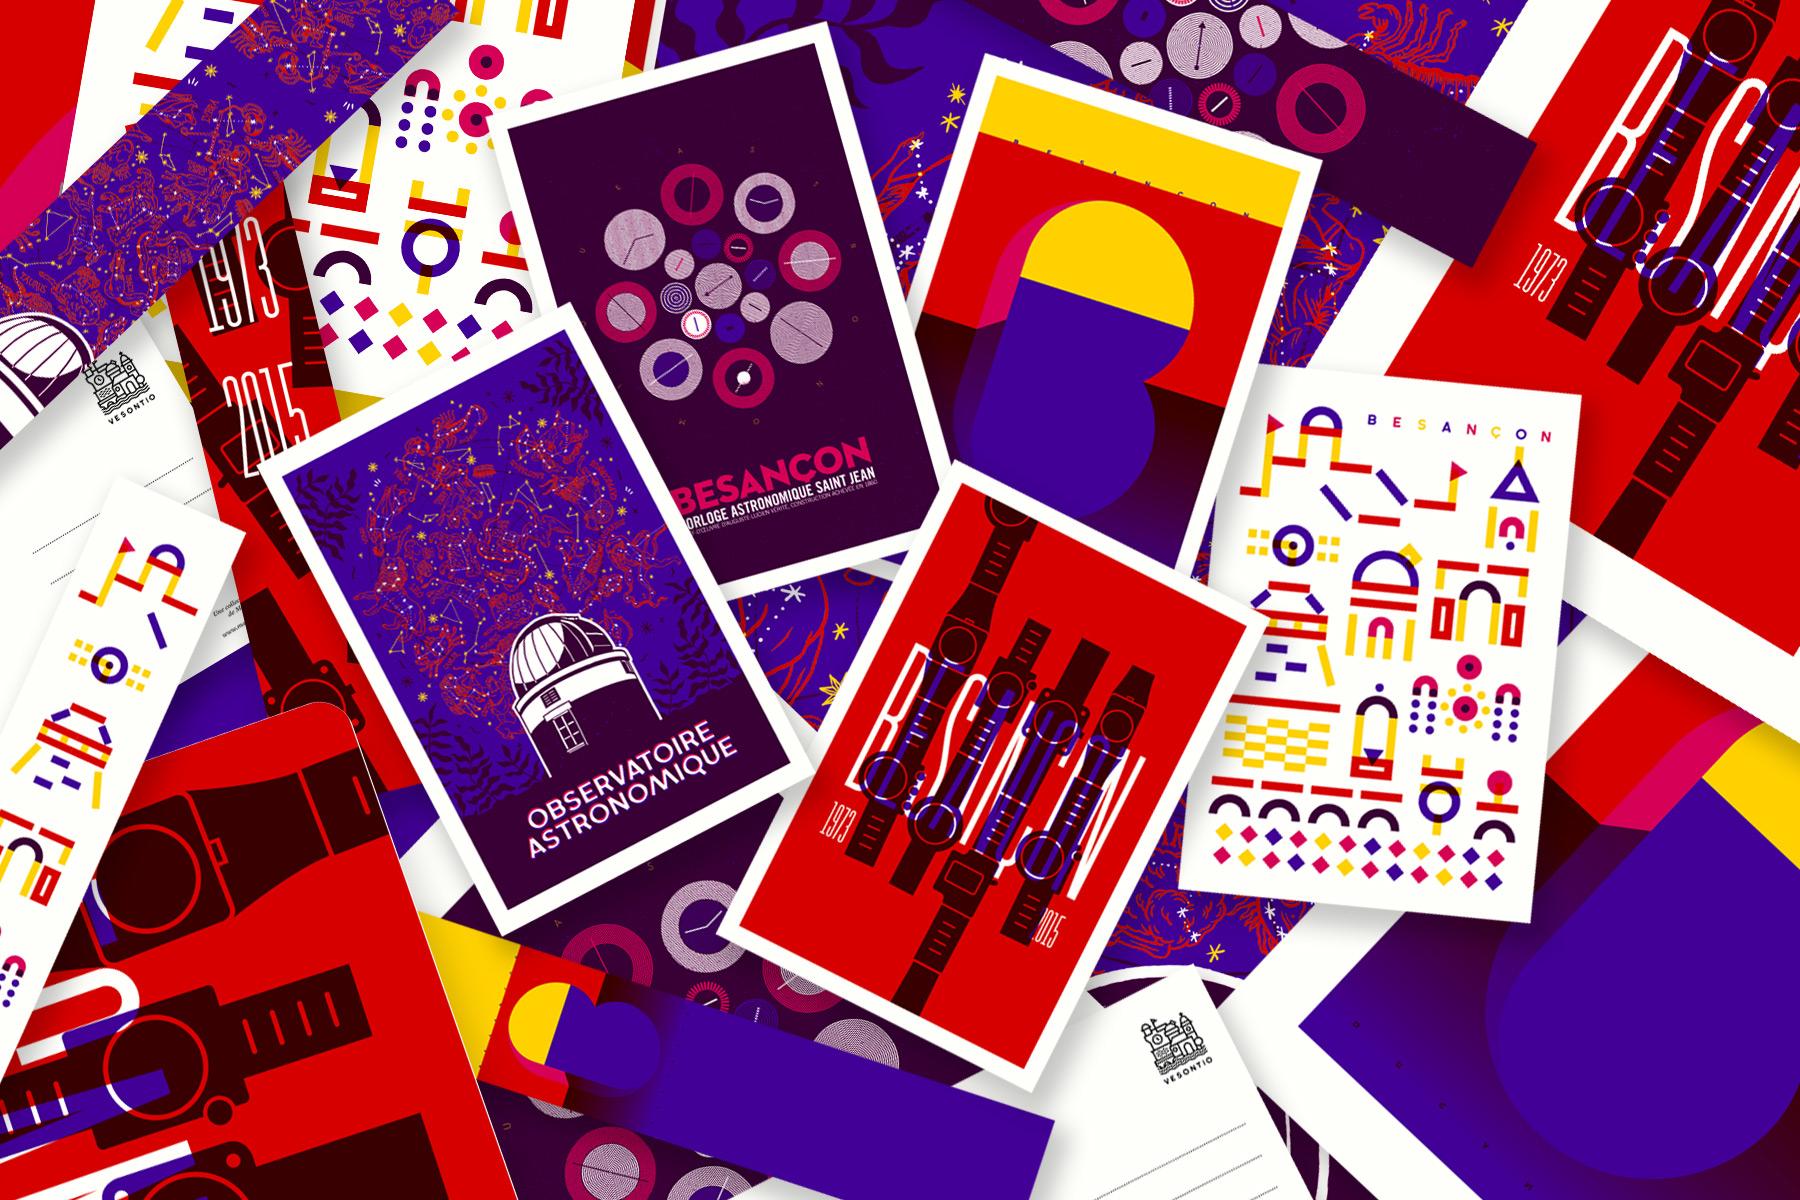 Maison_Tangible_Manufacture_Images_Objets_Graphiques_Besancon_Paris_Table_Ronde_06.jpg